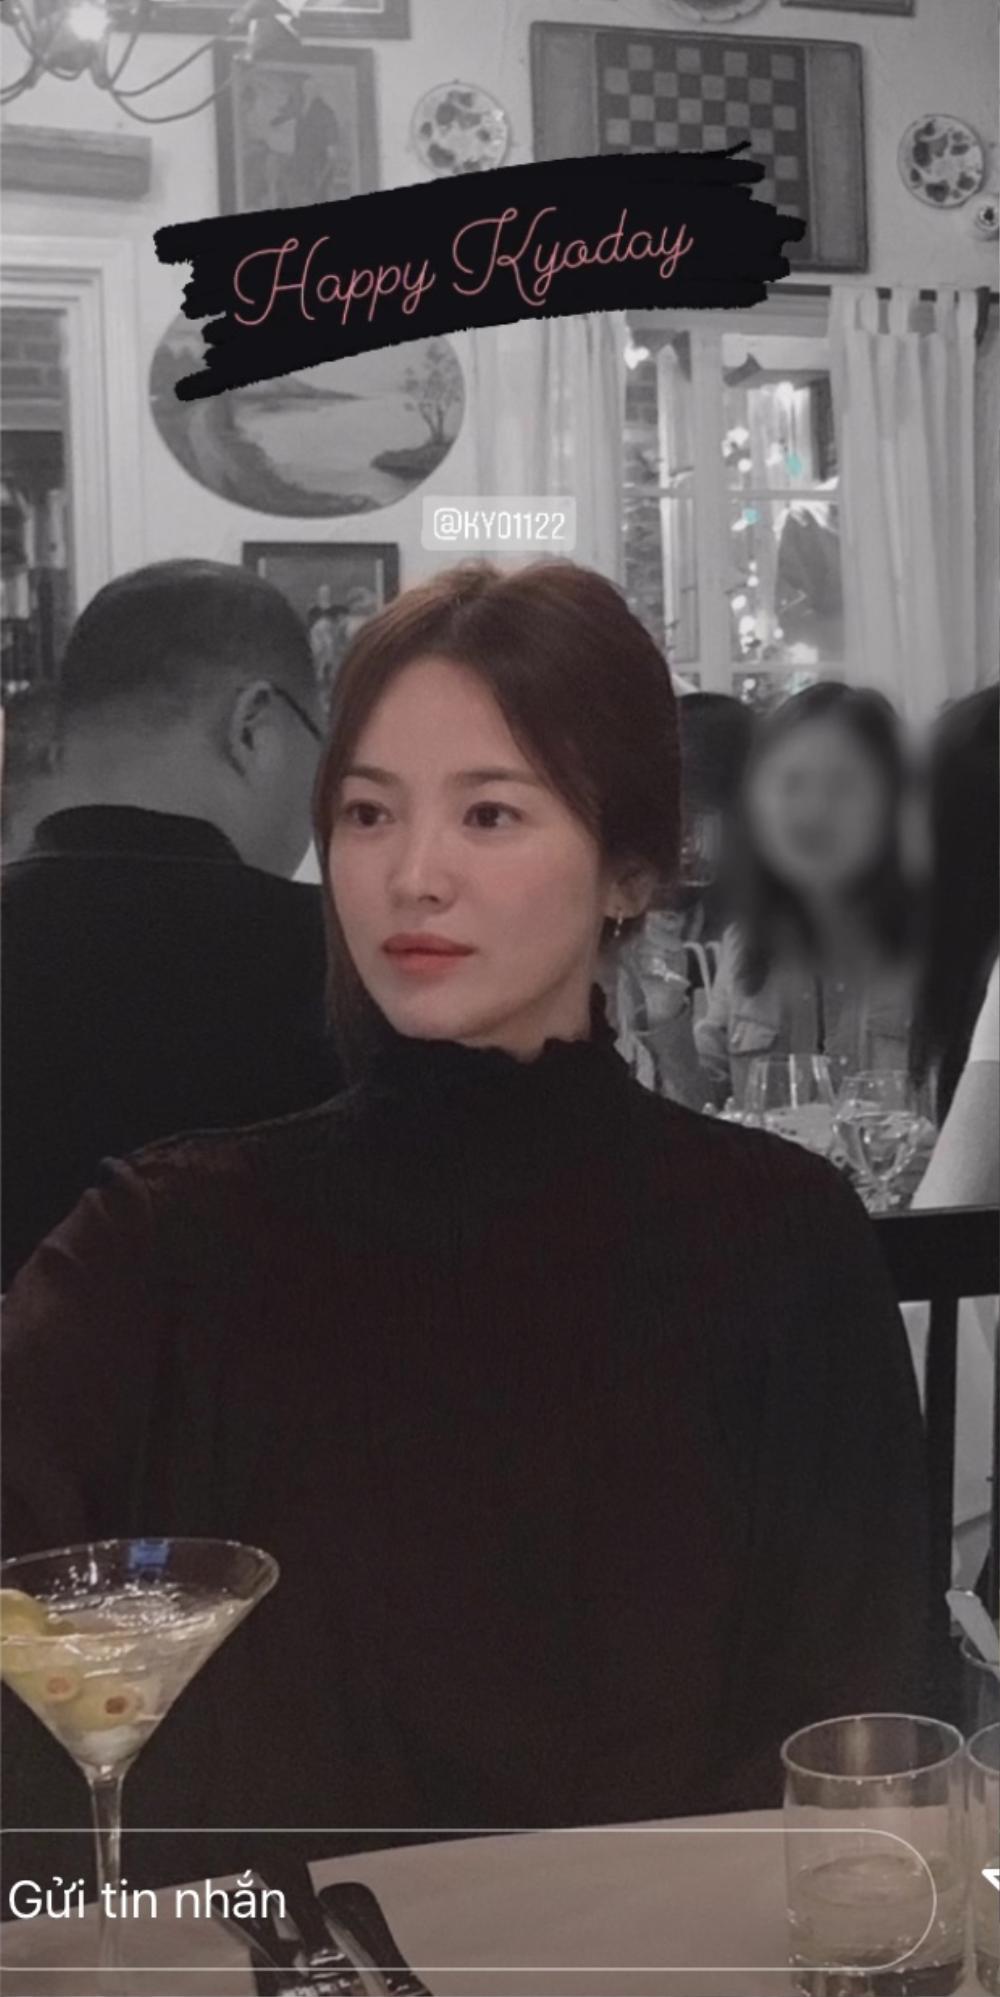 Song Hye Kyo đẹp nền nã trong ngày sinh nhật tuổi 40: Cố tỏ ra mạnh mẽ vì cô đơn! Ảnh 1